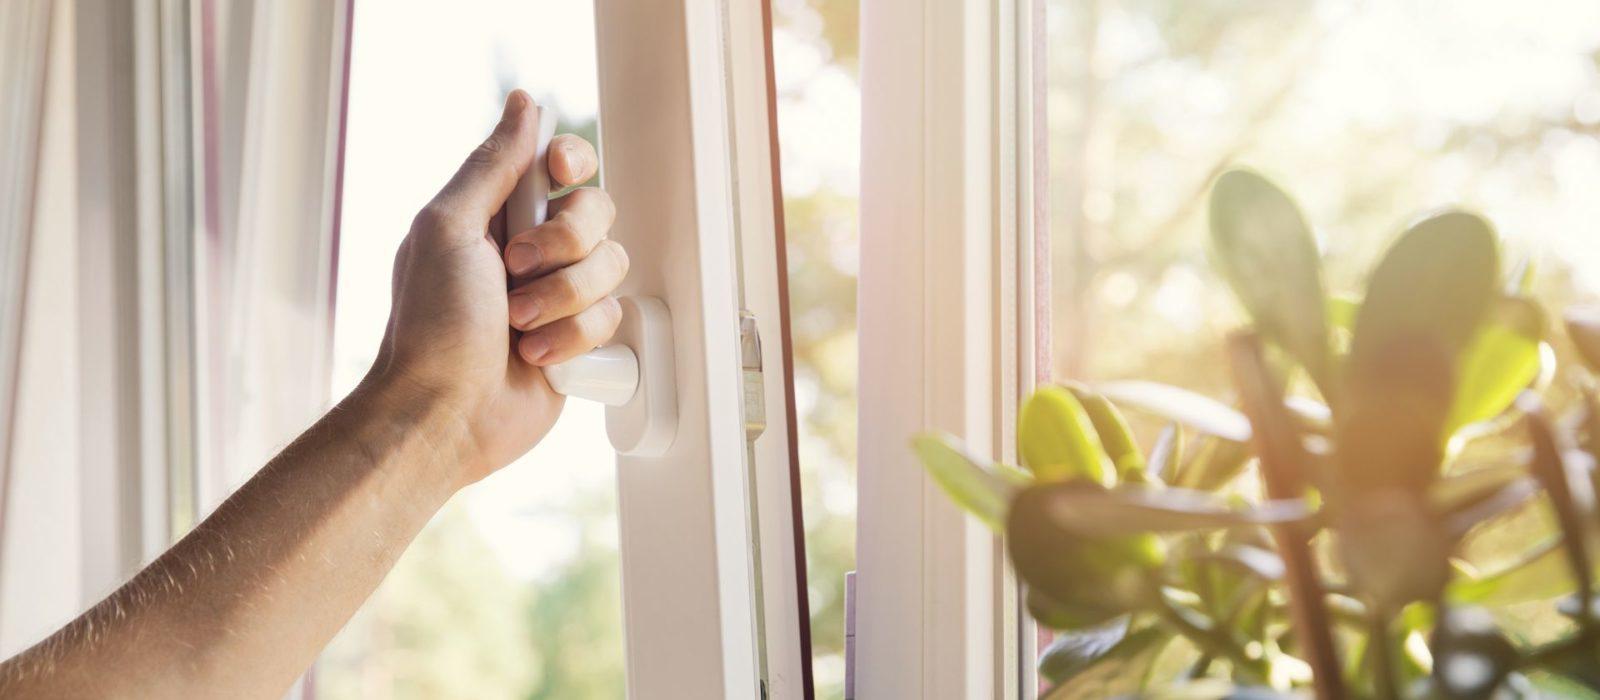 Isolez votre foyer et faites des économies d'énergie